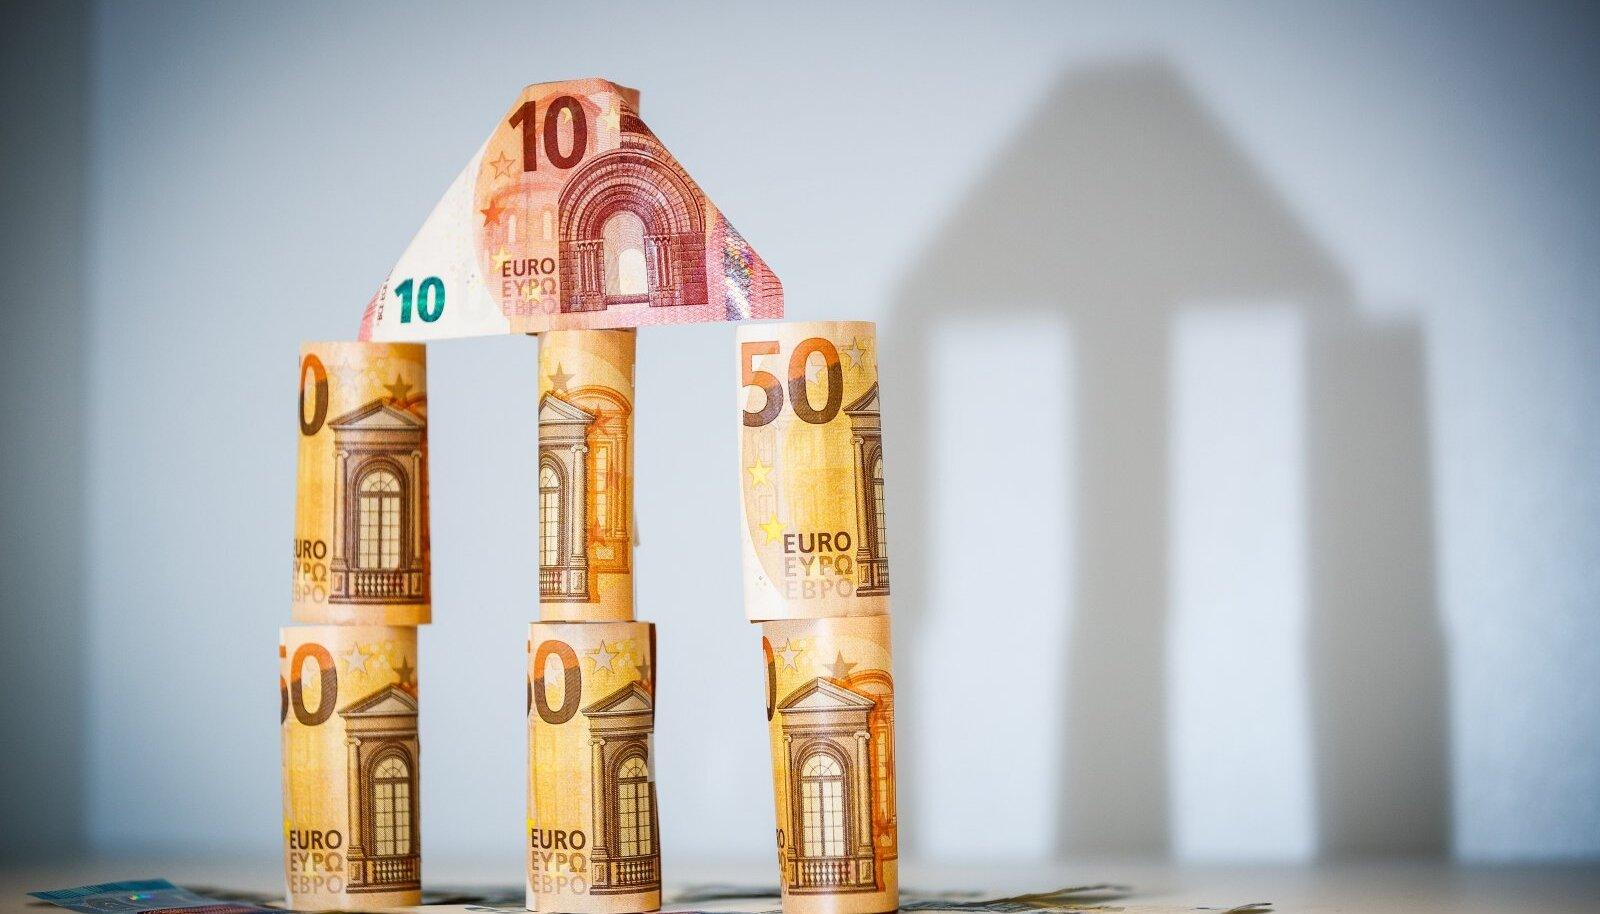 Pensionisambad on kandnud kolme kuuga kaotusi, mis tulenevad fondijuhtide valikutest ja investeerimisstiilist.